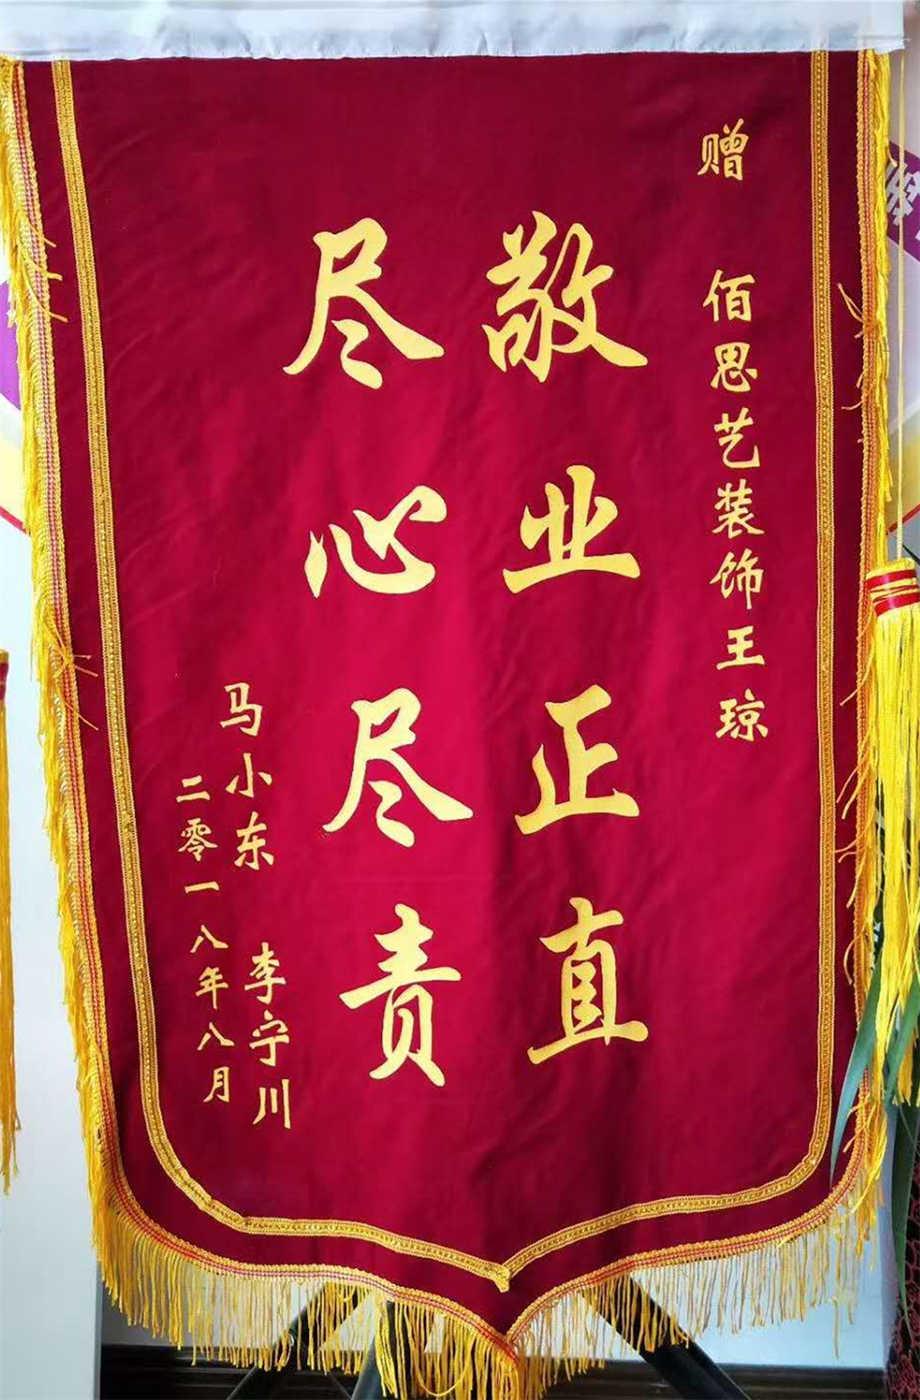 佰思艺装饰感谢天合丽景马先生送来锦旗